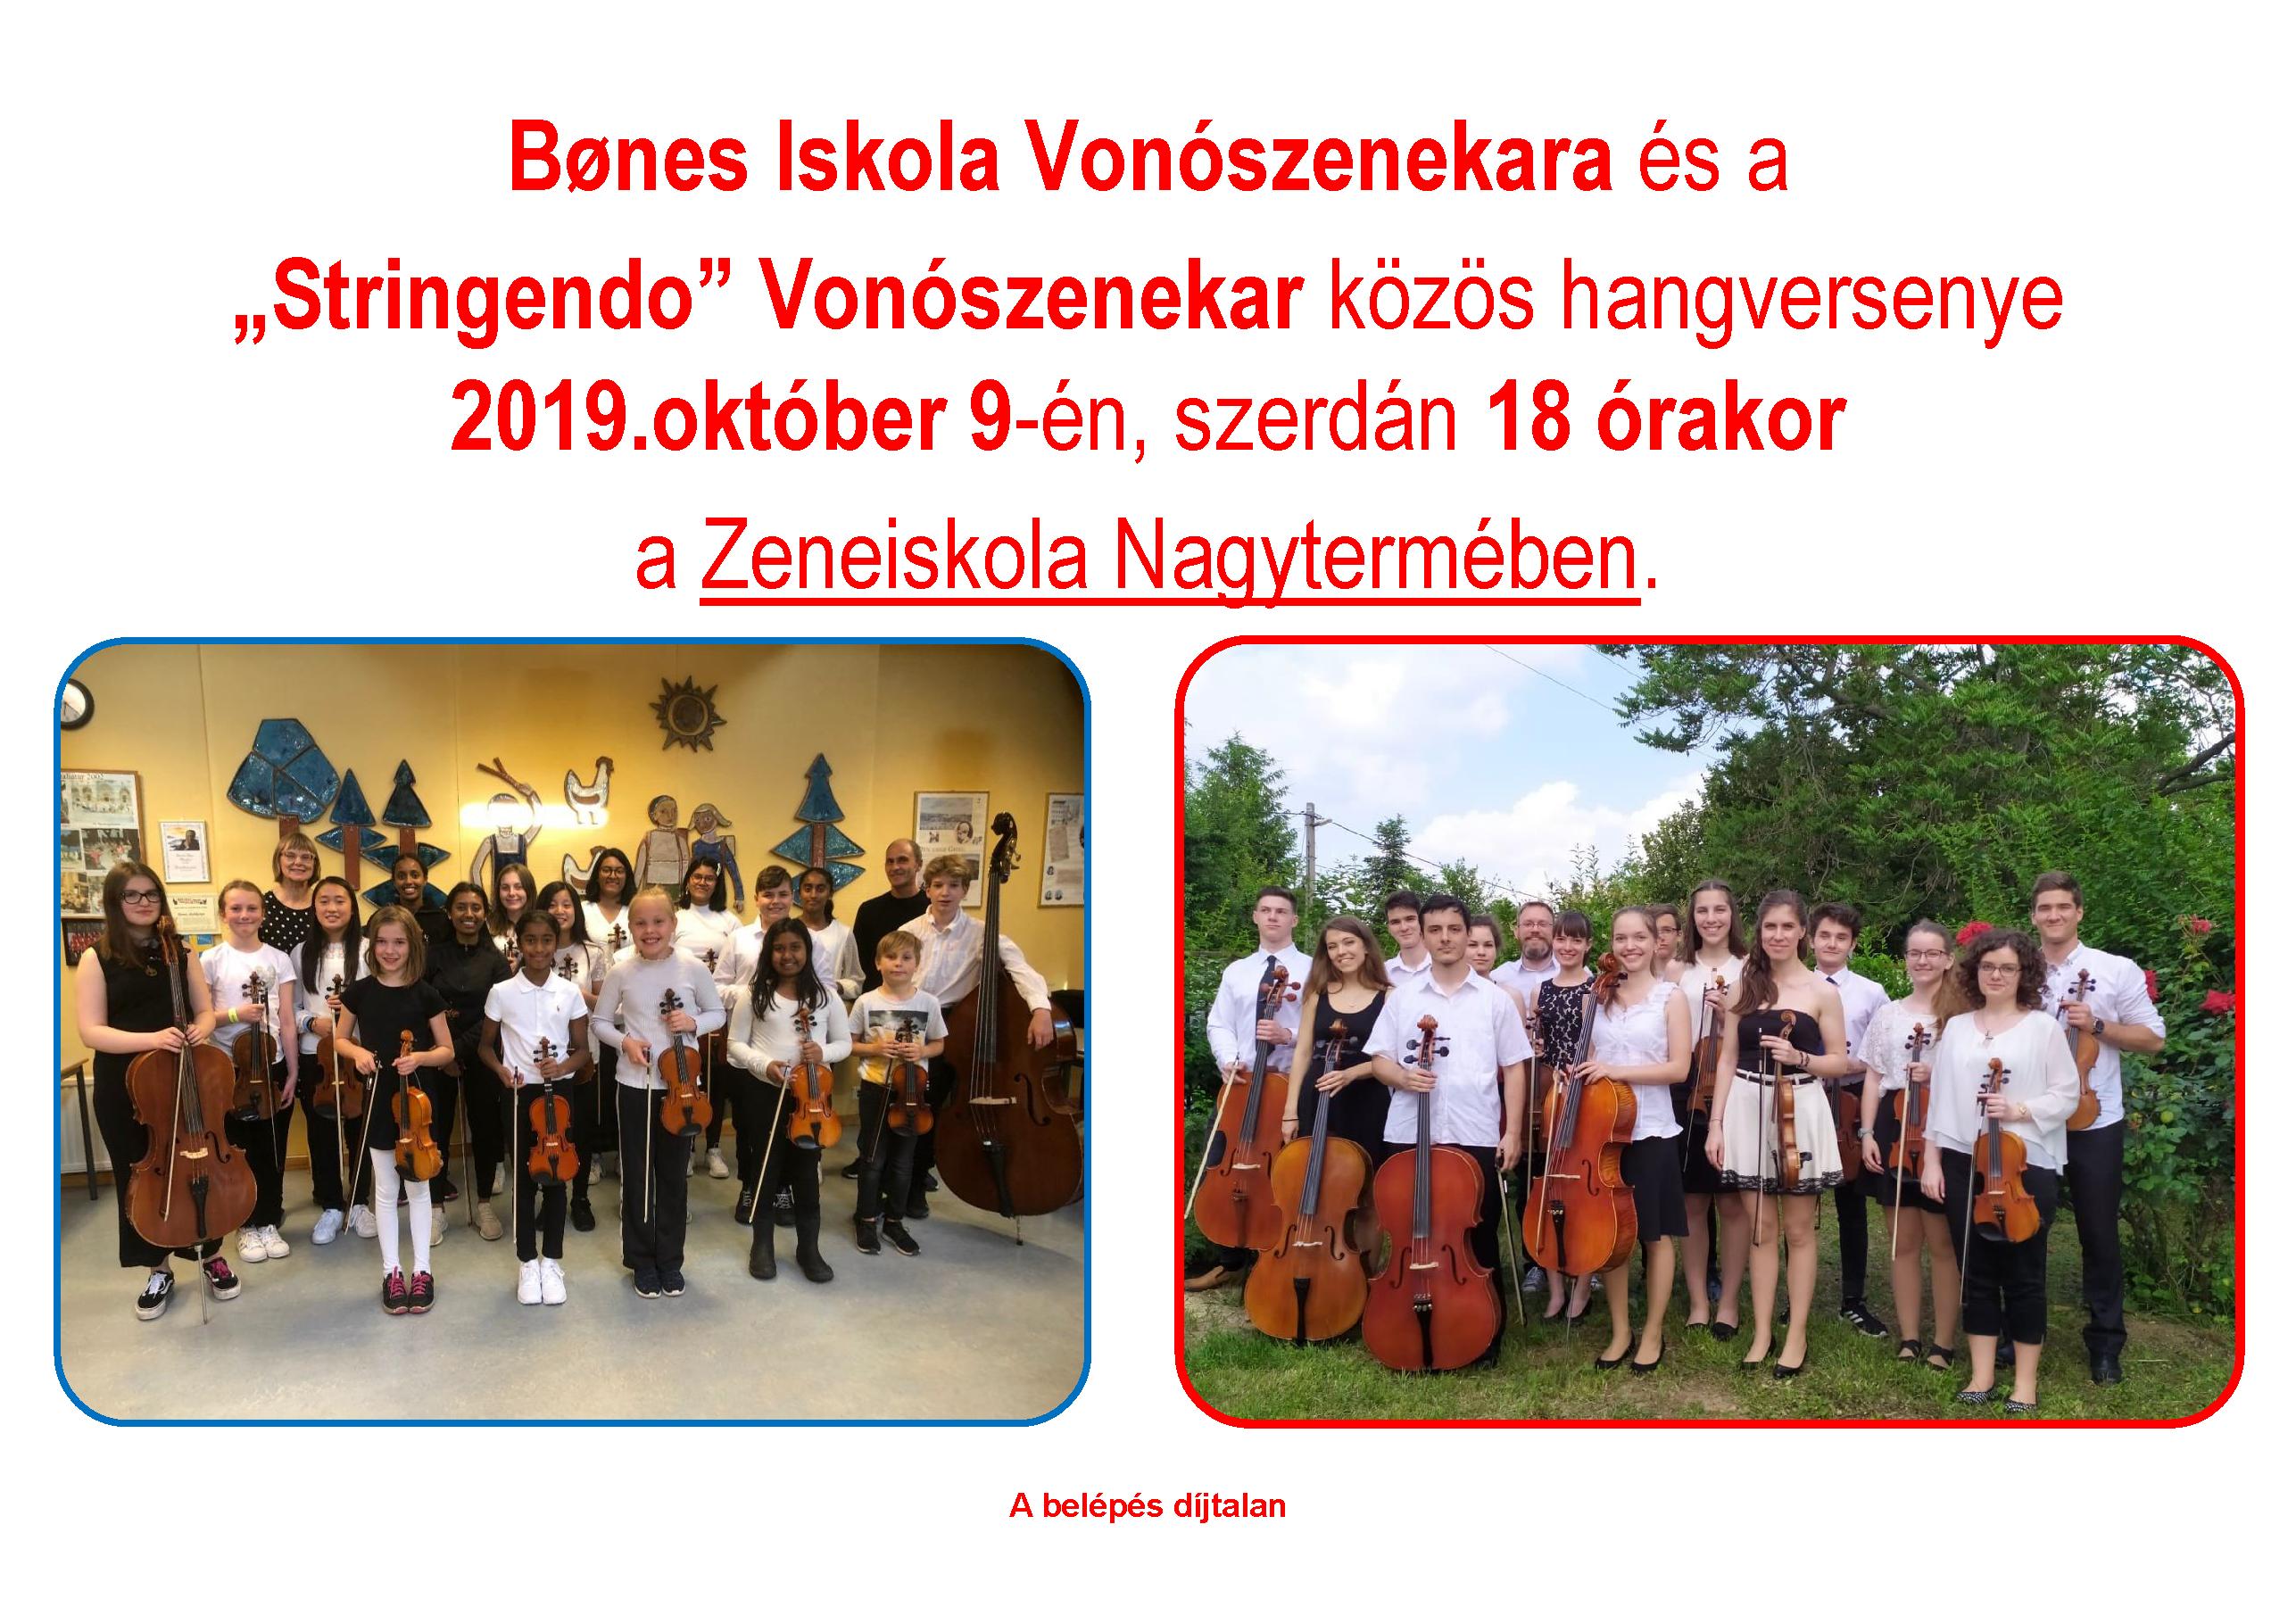 """Bønes Iskola Vonószenekara és a  """"Stringendo"""" Vonószenekar közös hangversenye"""